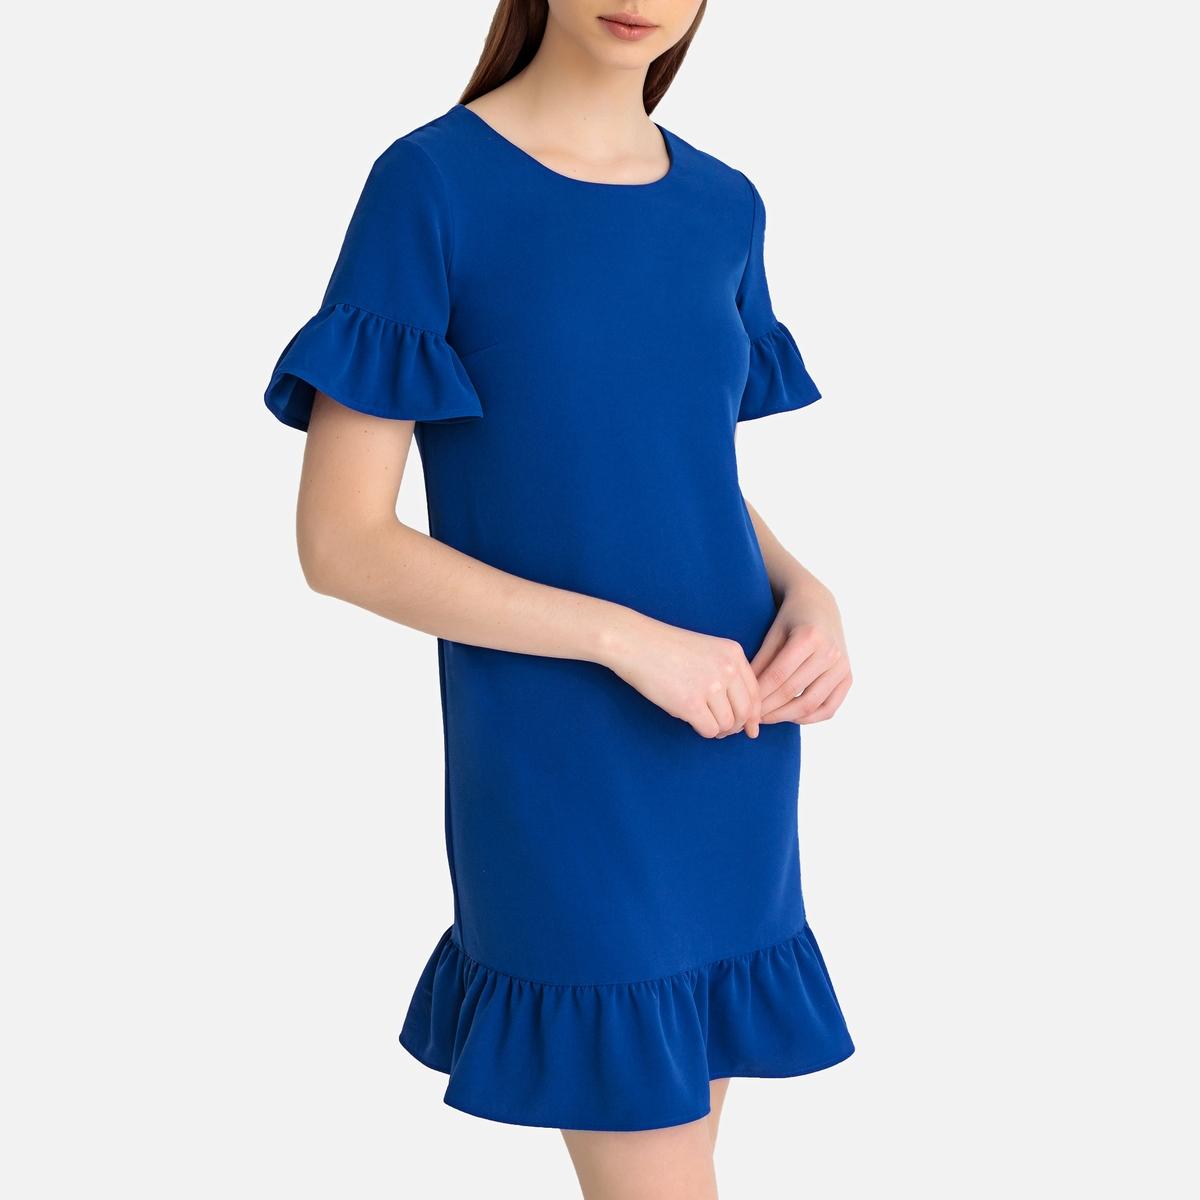 Платье LaRedoute Короткое расклешенное с баской и короткими рукавами 40 (FR) - 46 (RUS) синий платье la redoute расклешенное короткое с длинными рукавами 46 fr 52 rus синий